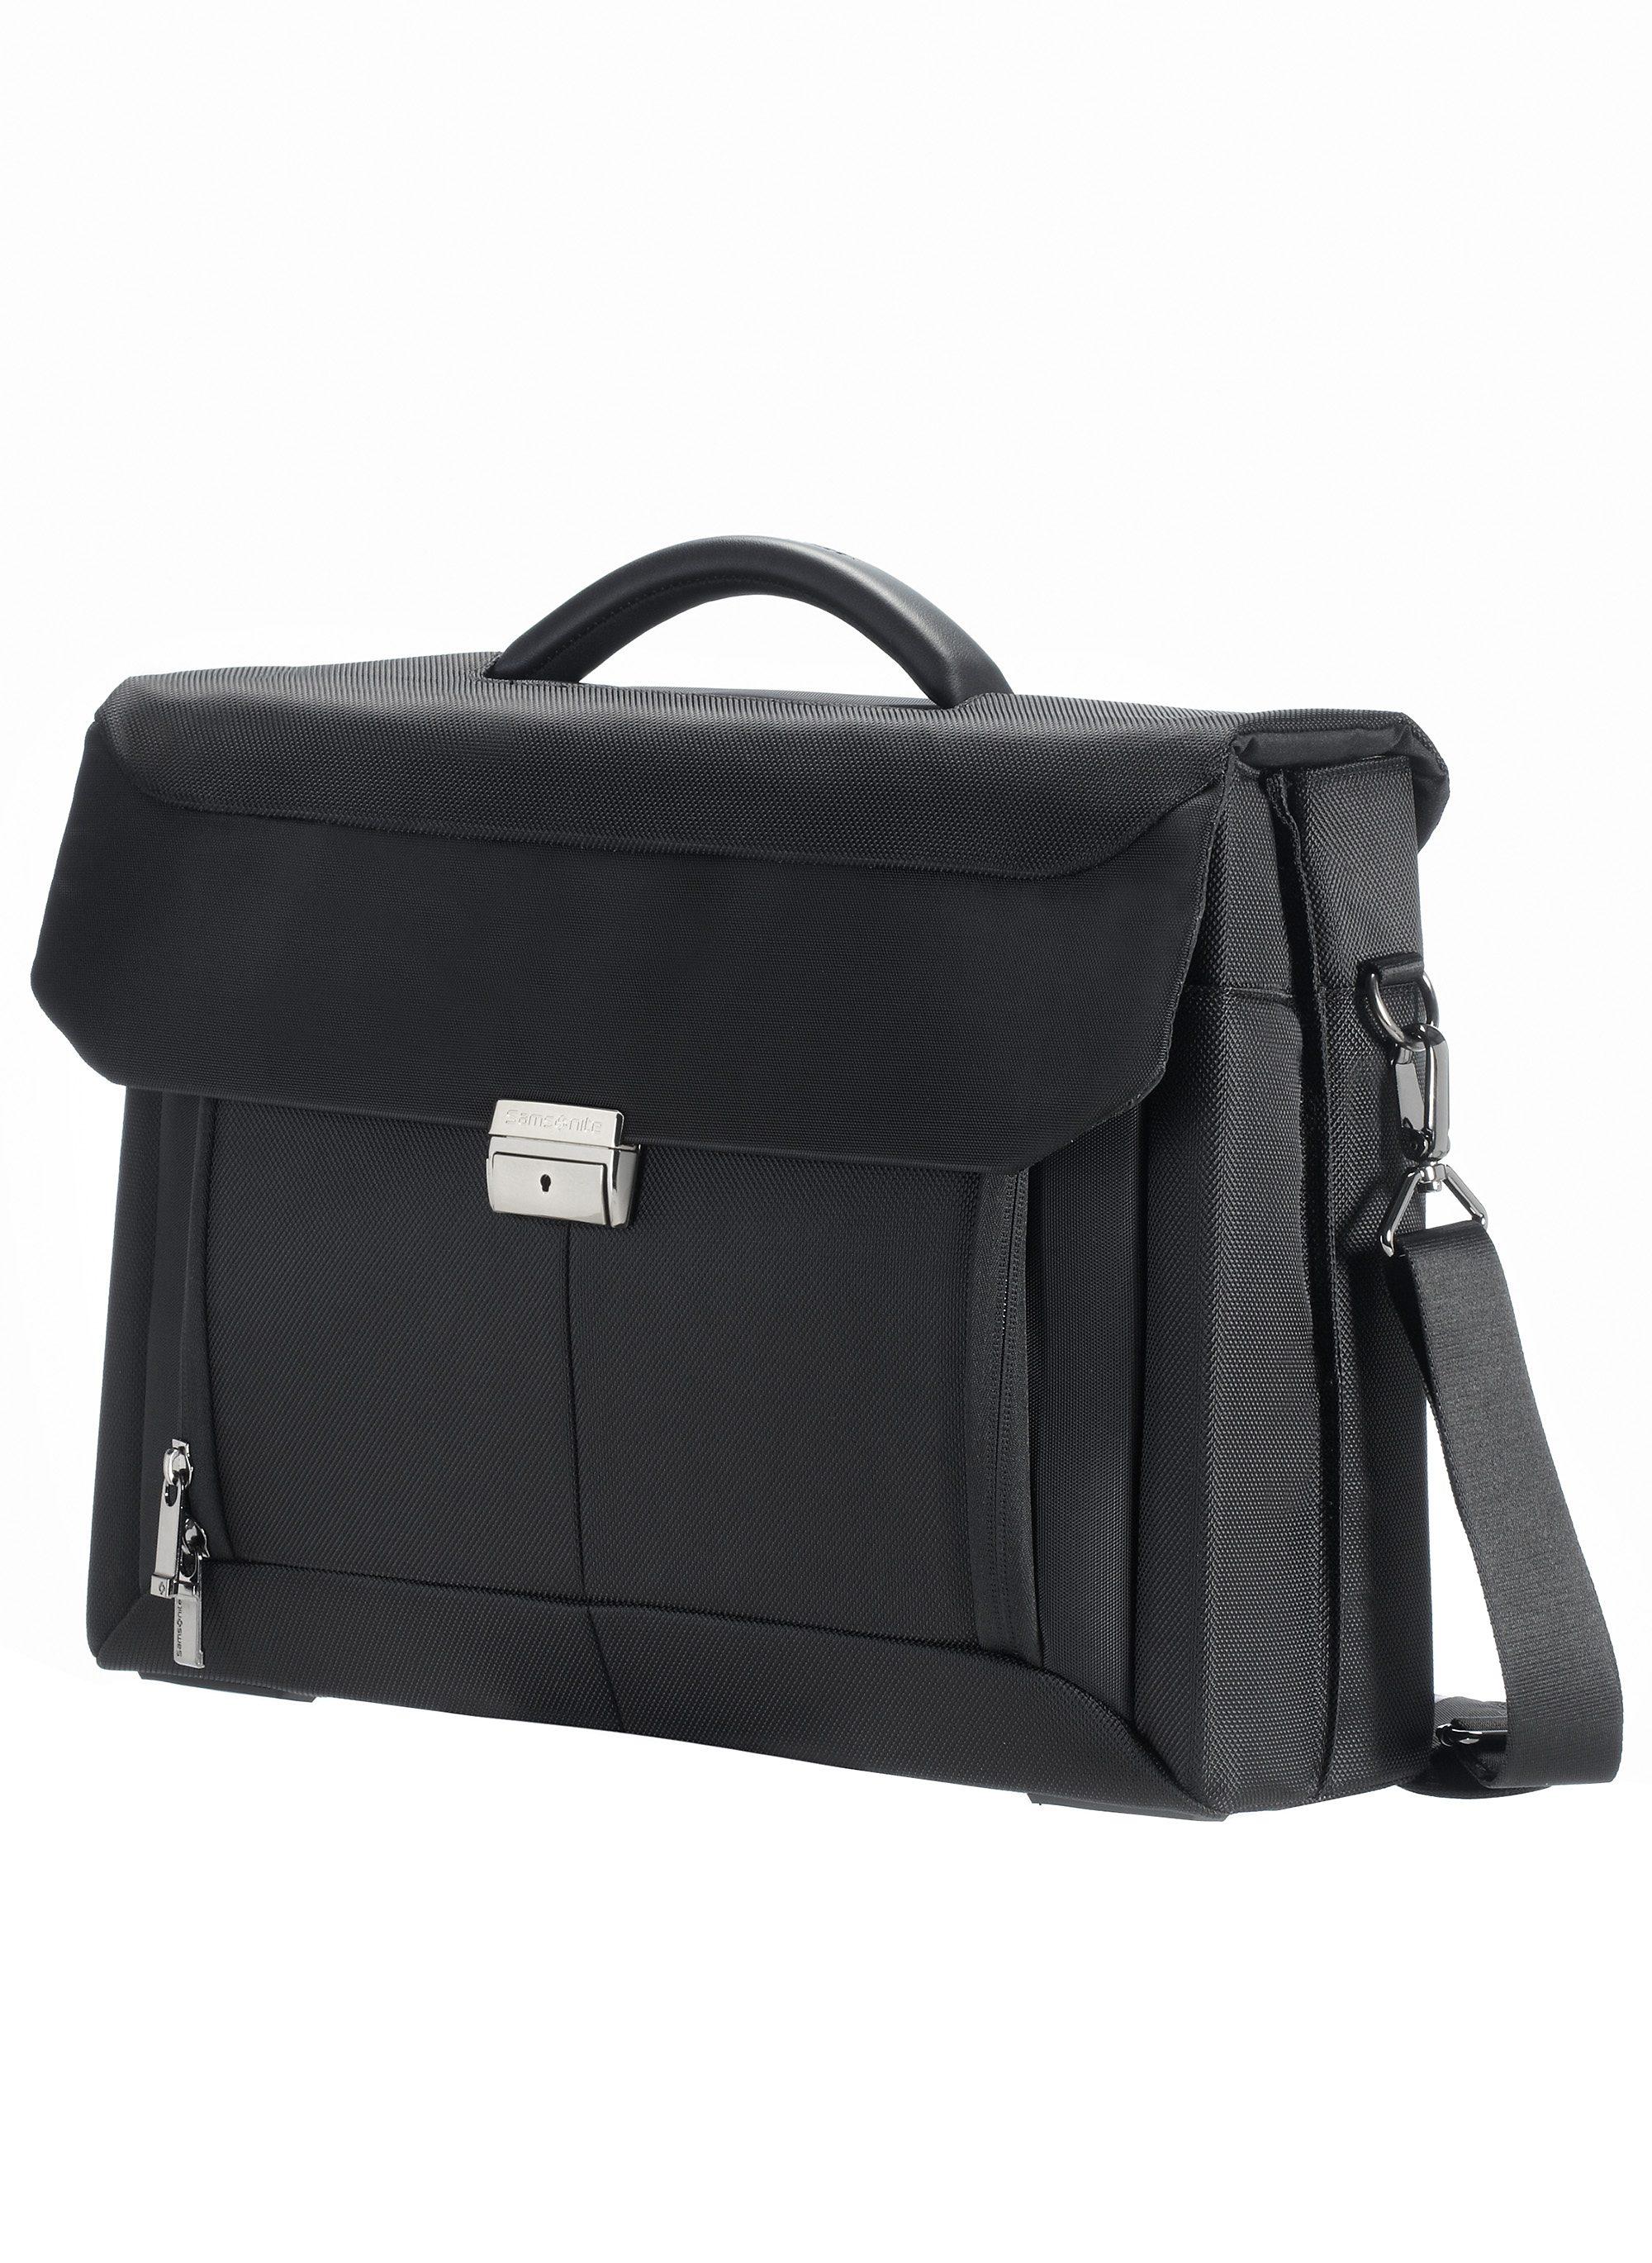 Samsonite Aktentasche mit 15,6-Zoll Laptopfach, abschließbar, »Ergo-Biz«